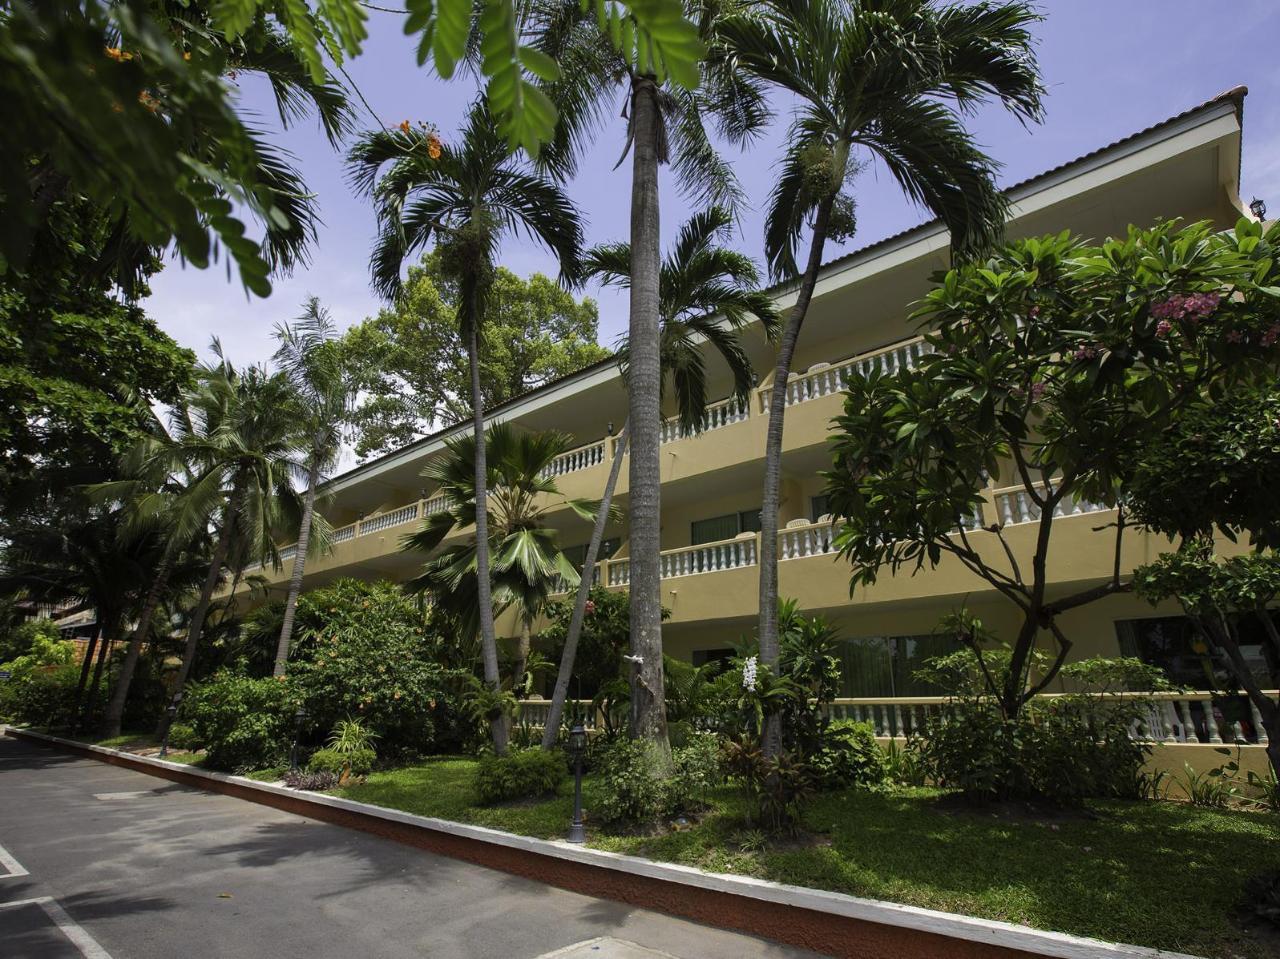 ทวิน ปาล์ม รีสอร์ท พัทยา (Twin Palms Resort Pattaya)